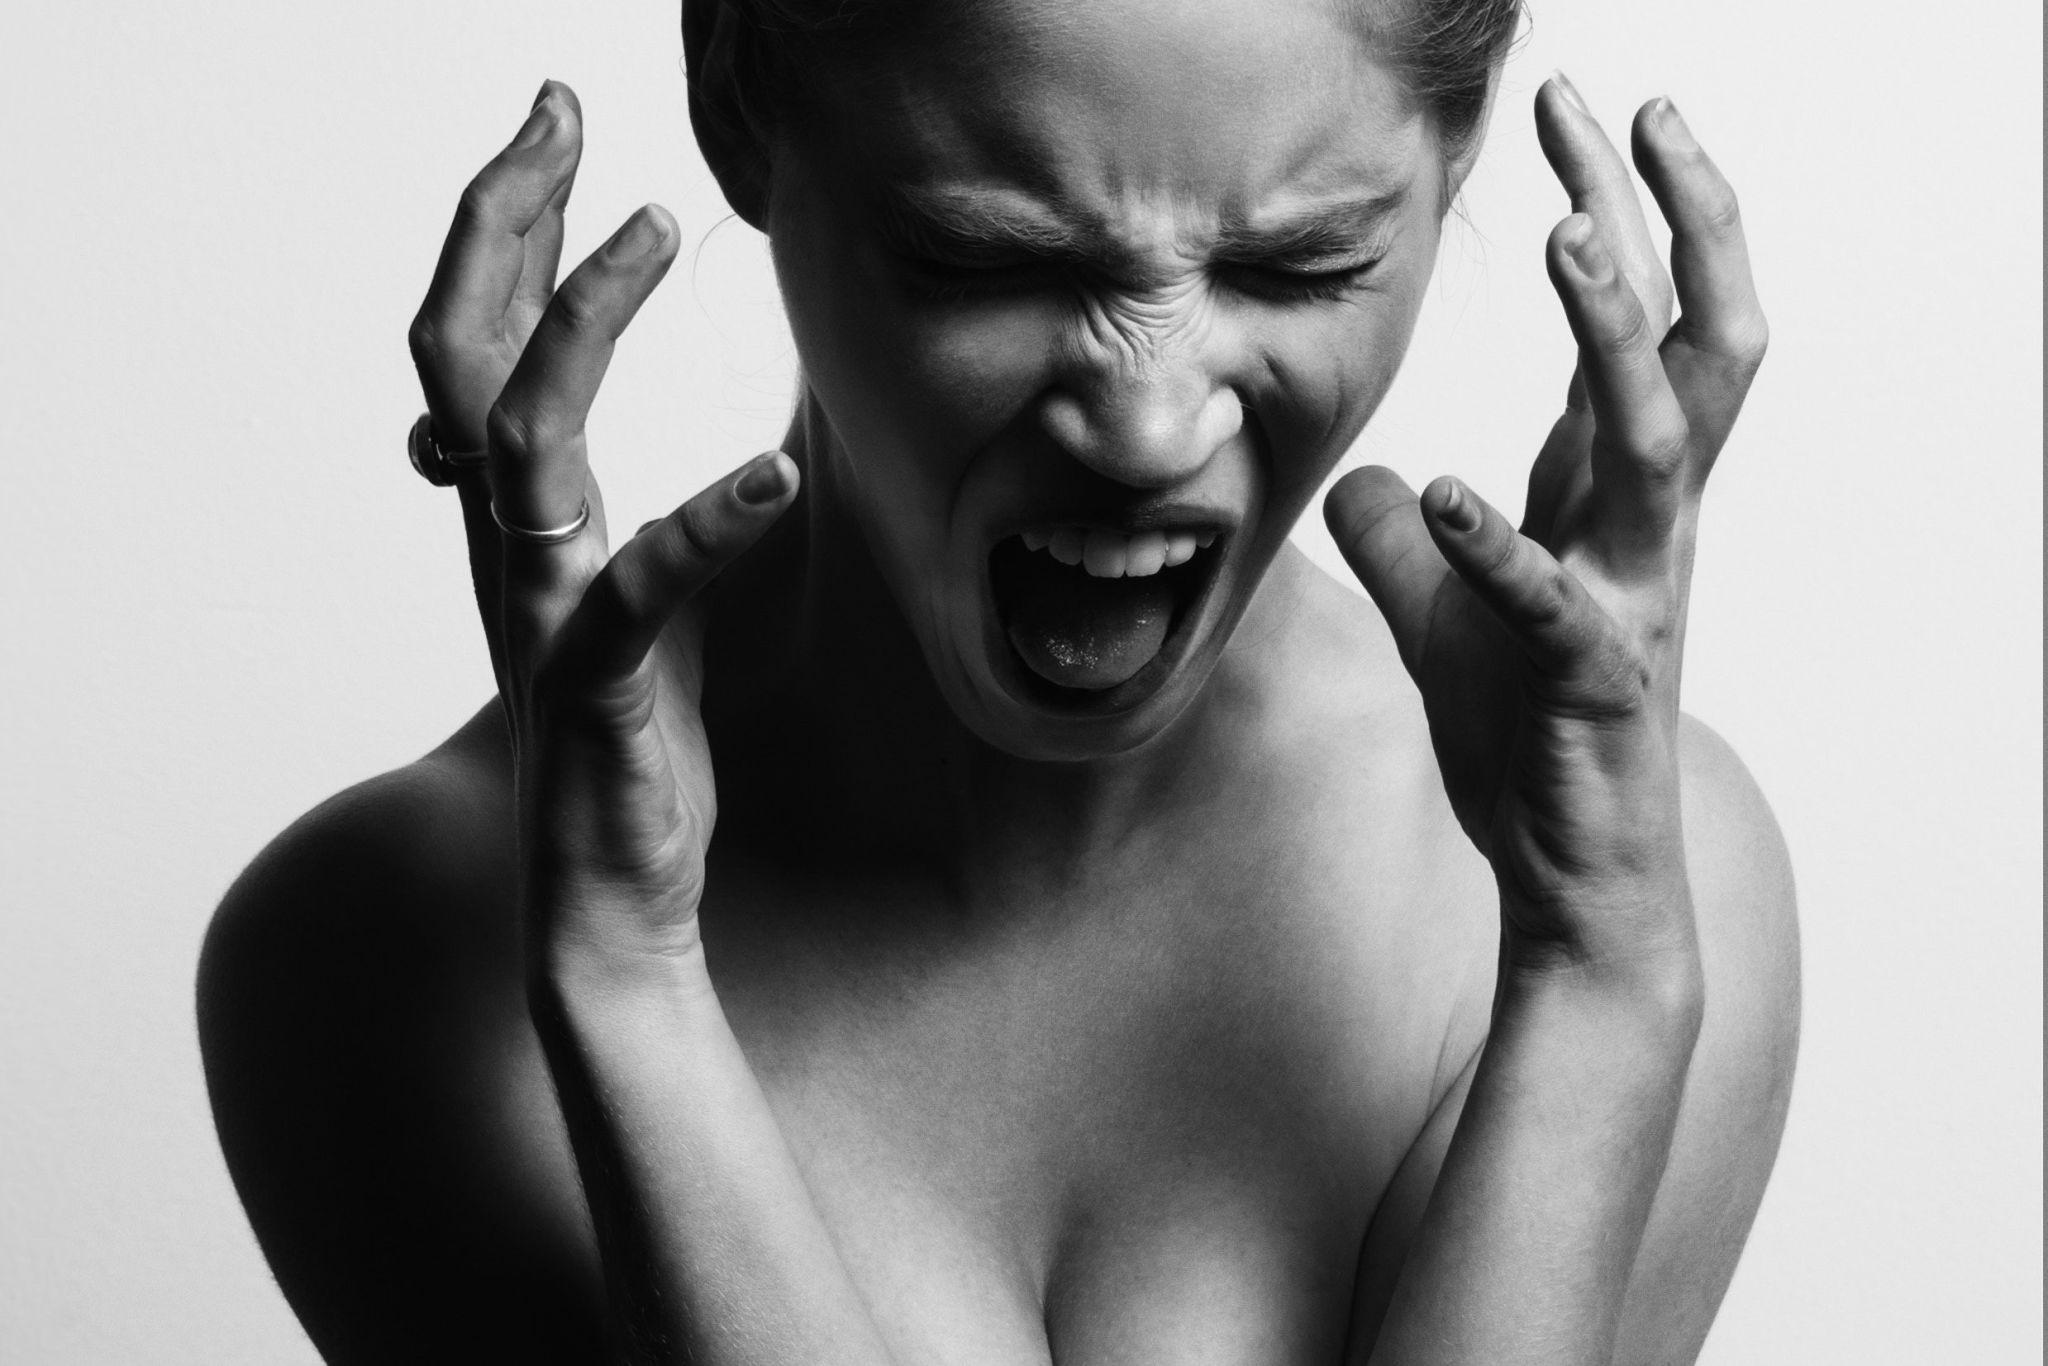 La rabbia repressa scarica